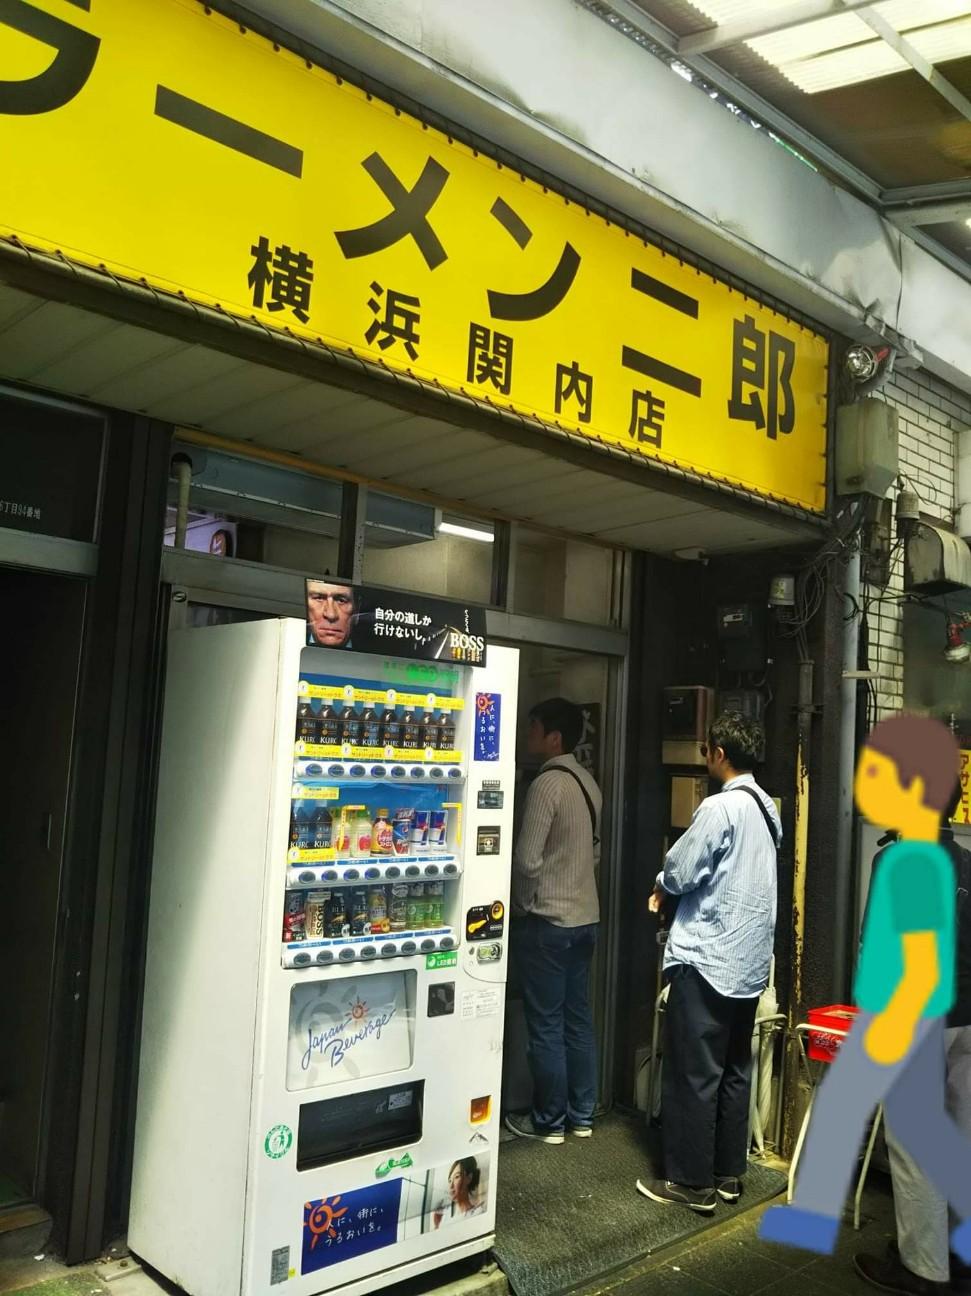 f:id:yujisyuji:20190505220435j:image